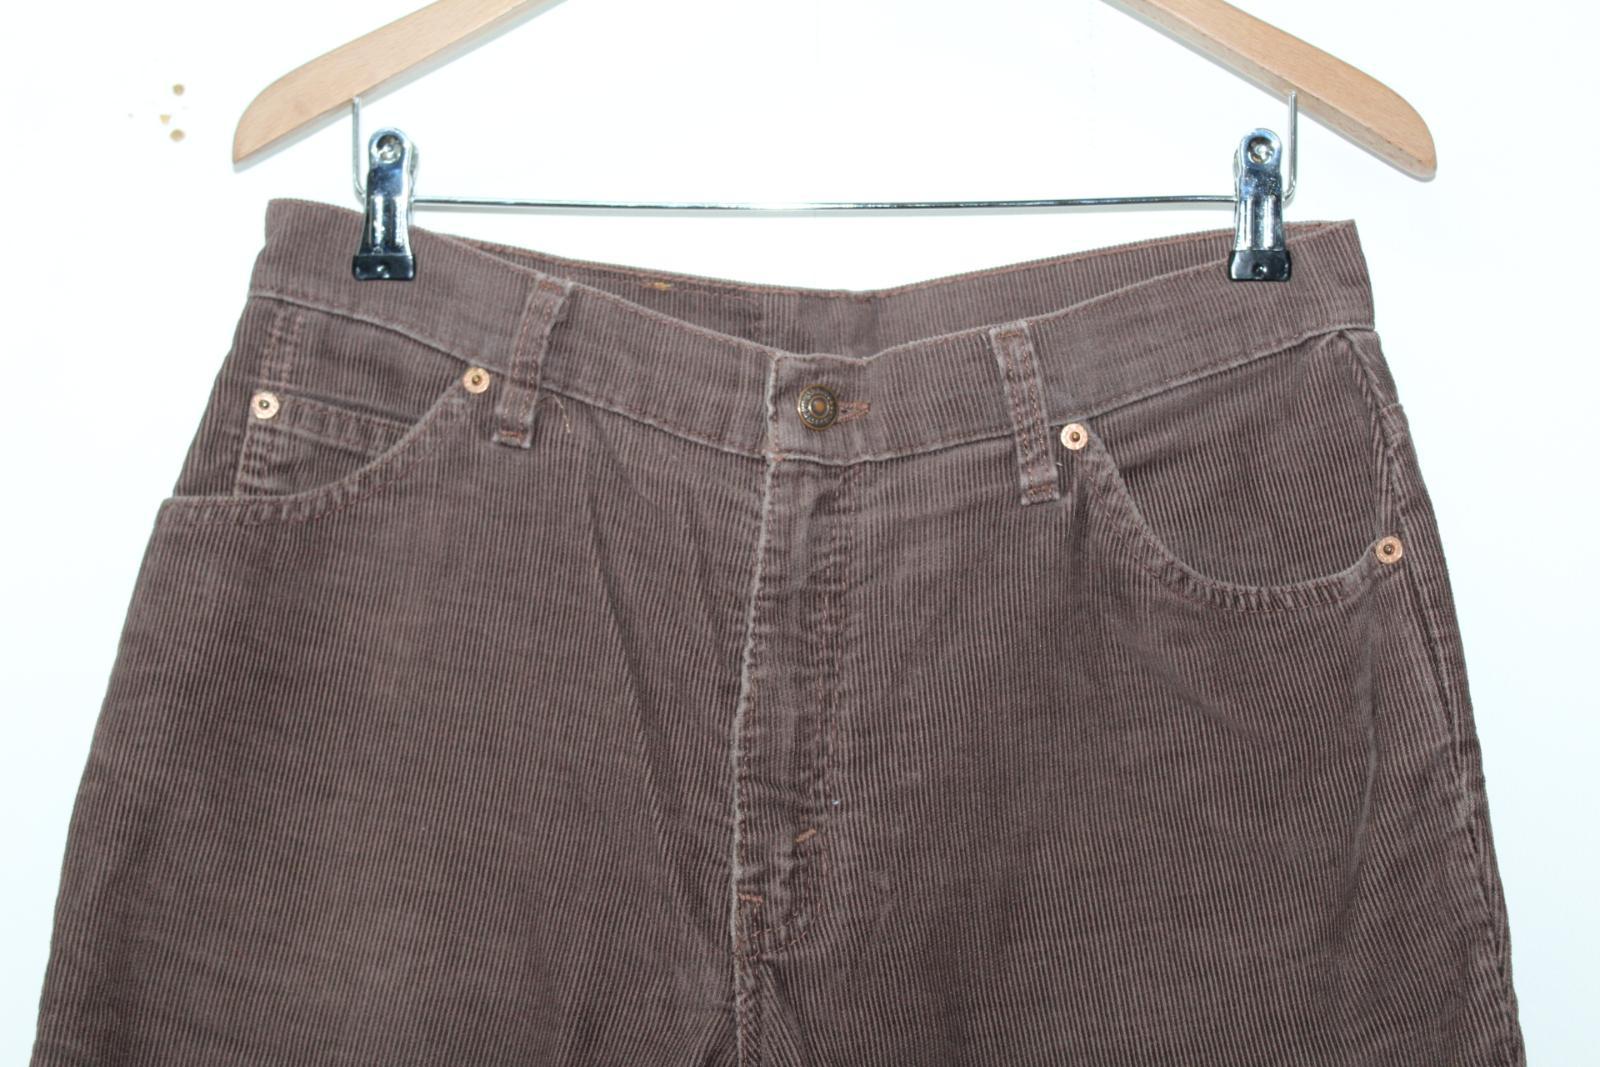 in velluto in con da a Pantaloni uomo Levi's misto W32 marrone cotone zip L32 dritti coste fT5wxdyqaw